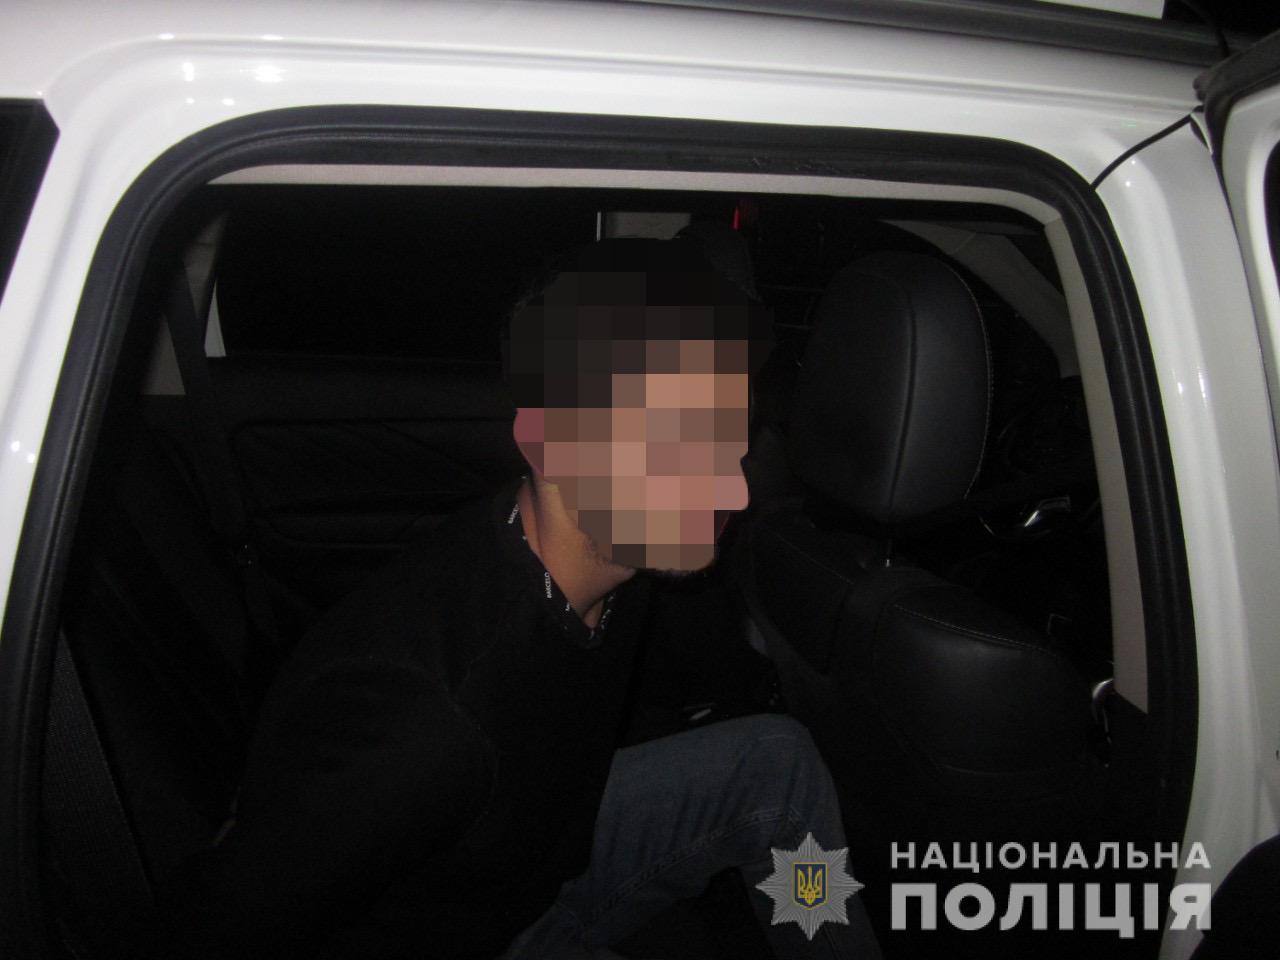 Иностранец украл мобильный телефон в центре города (фото)